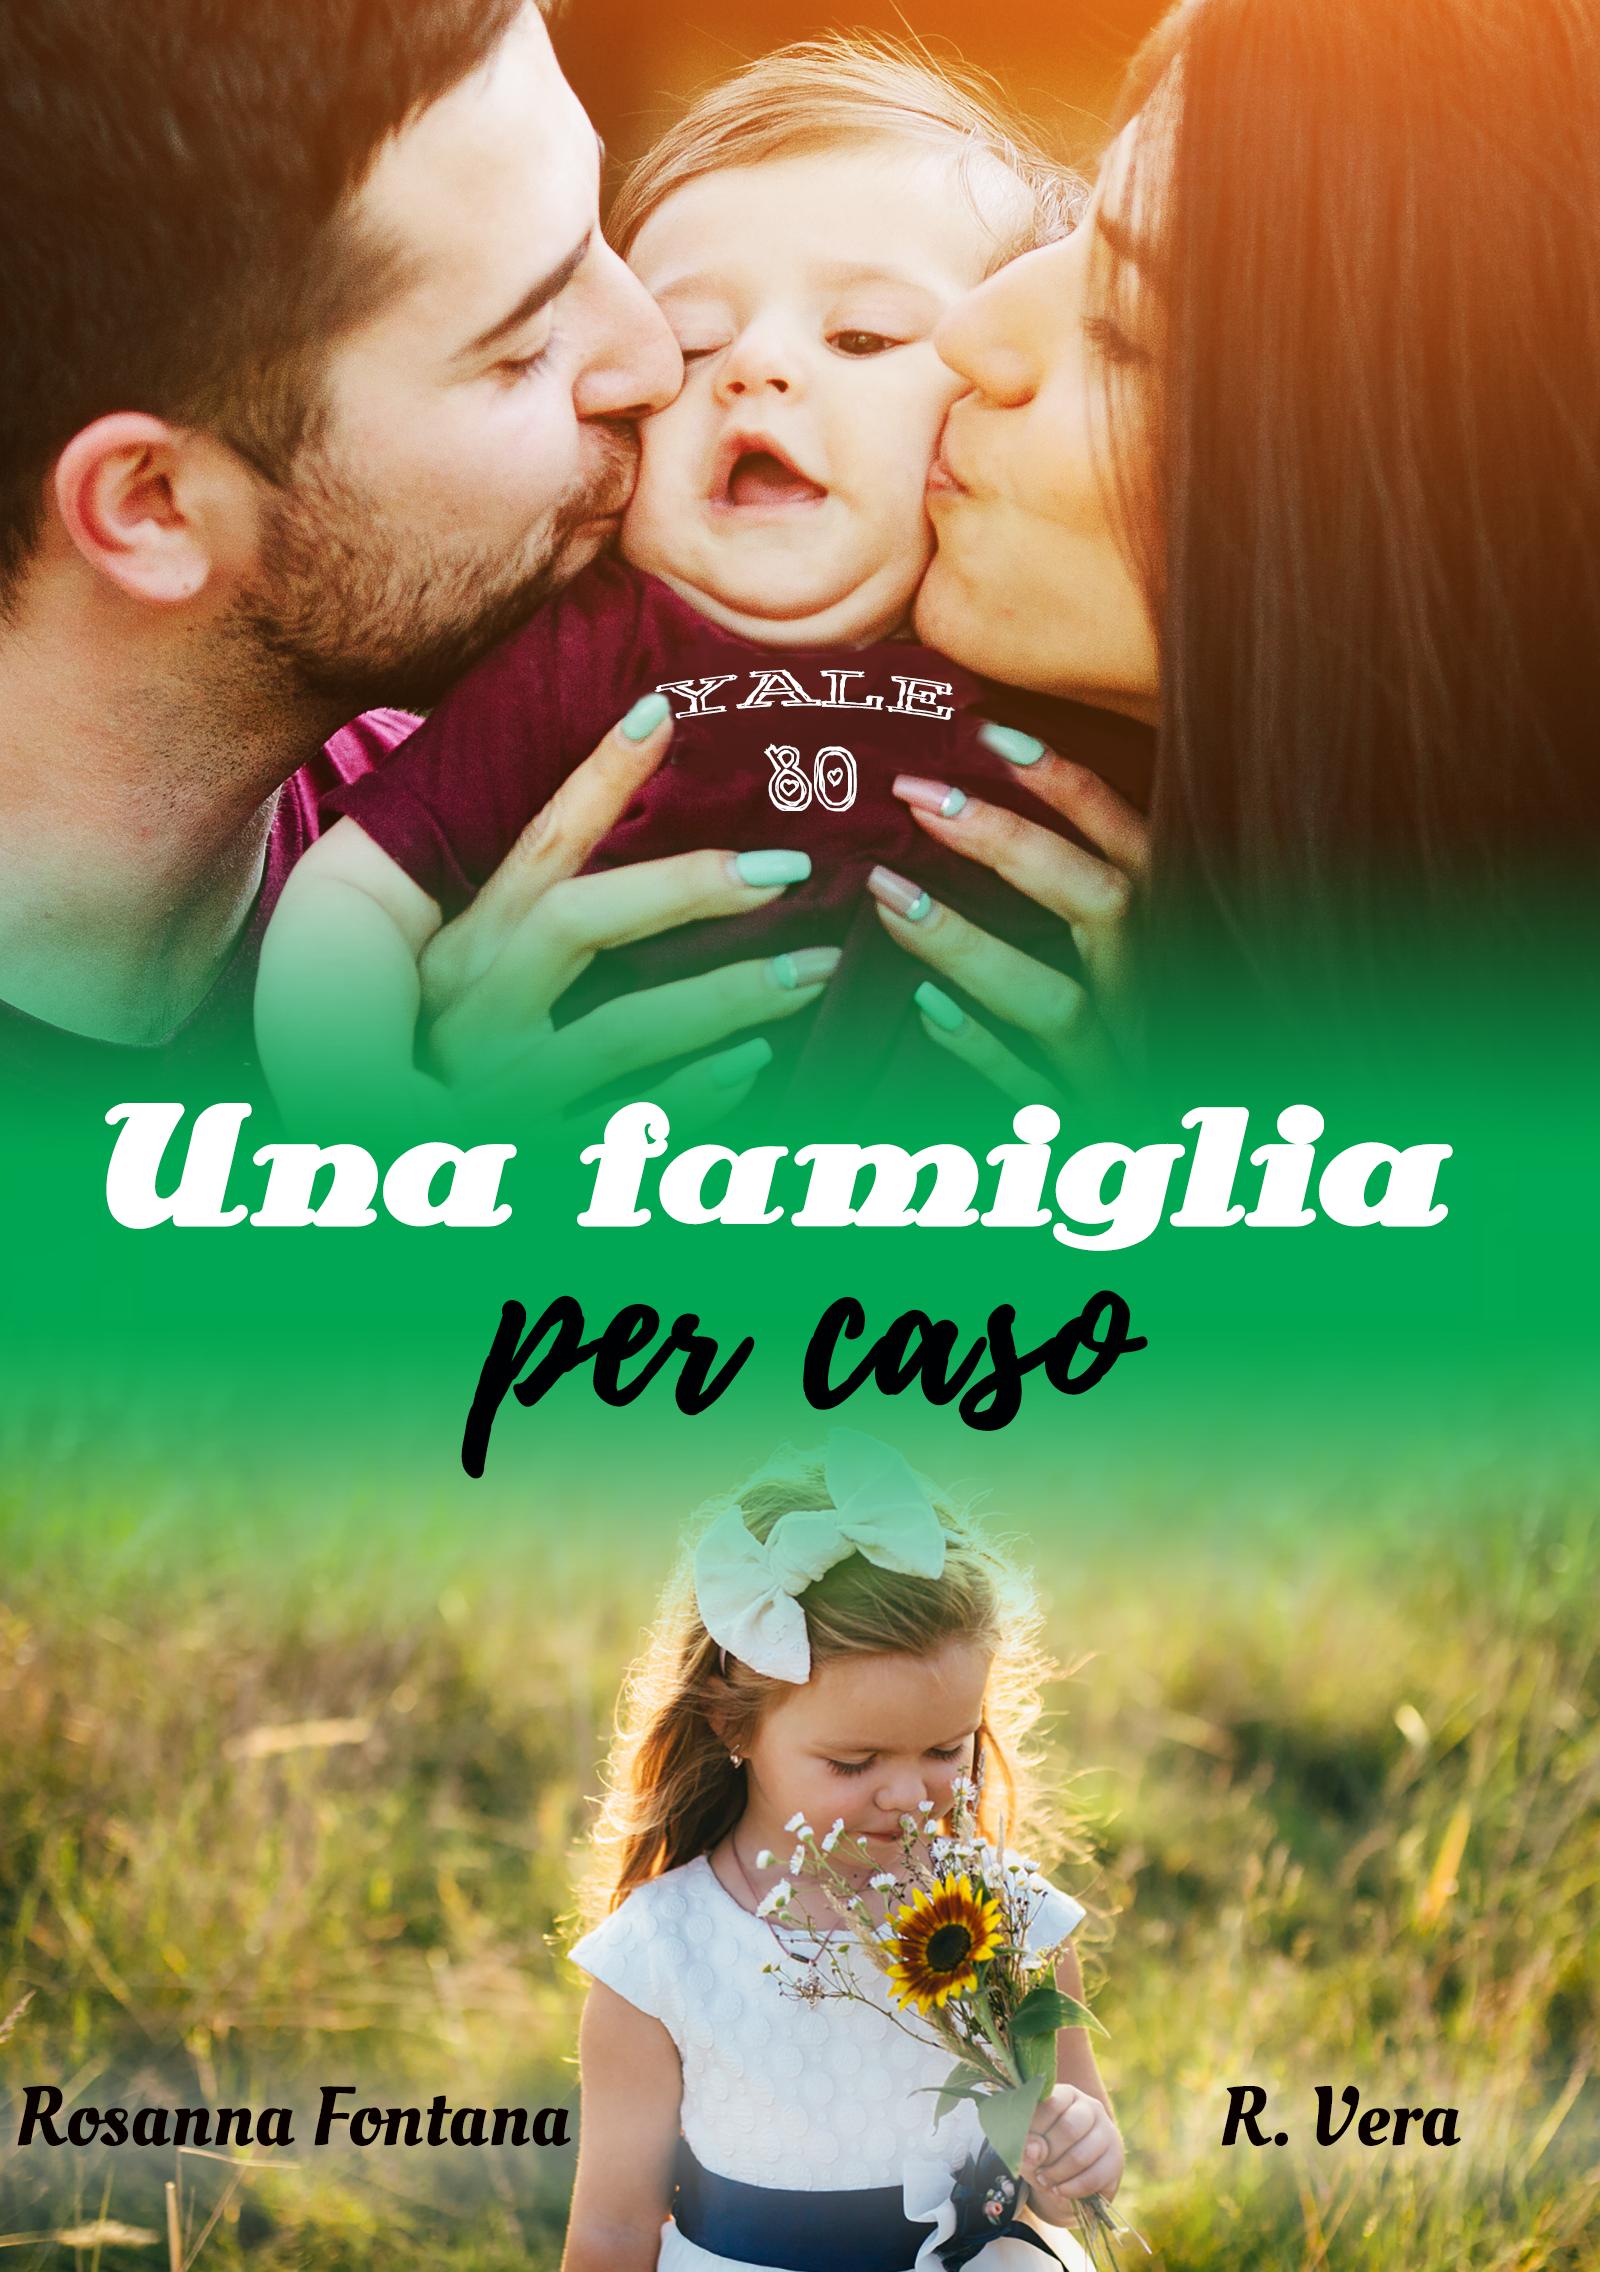 Anteprima. Una famiglia per caso R. Vera e Rosanna Fontana